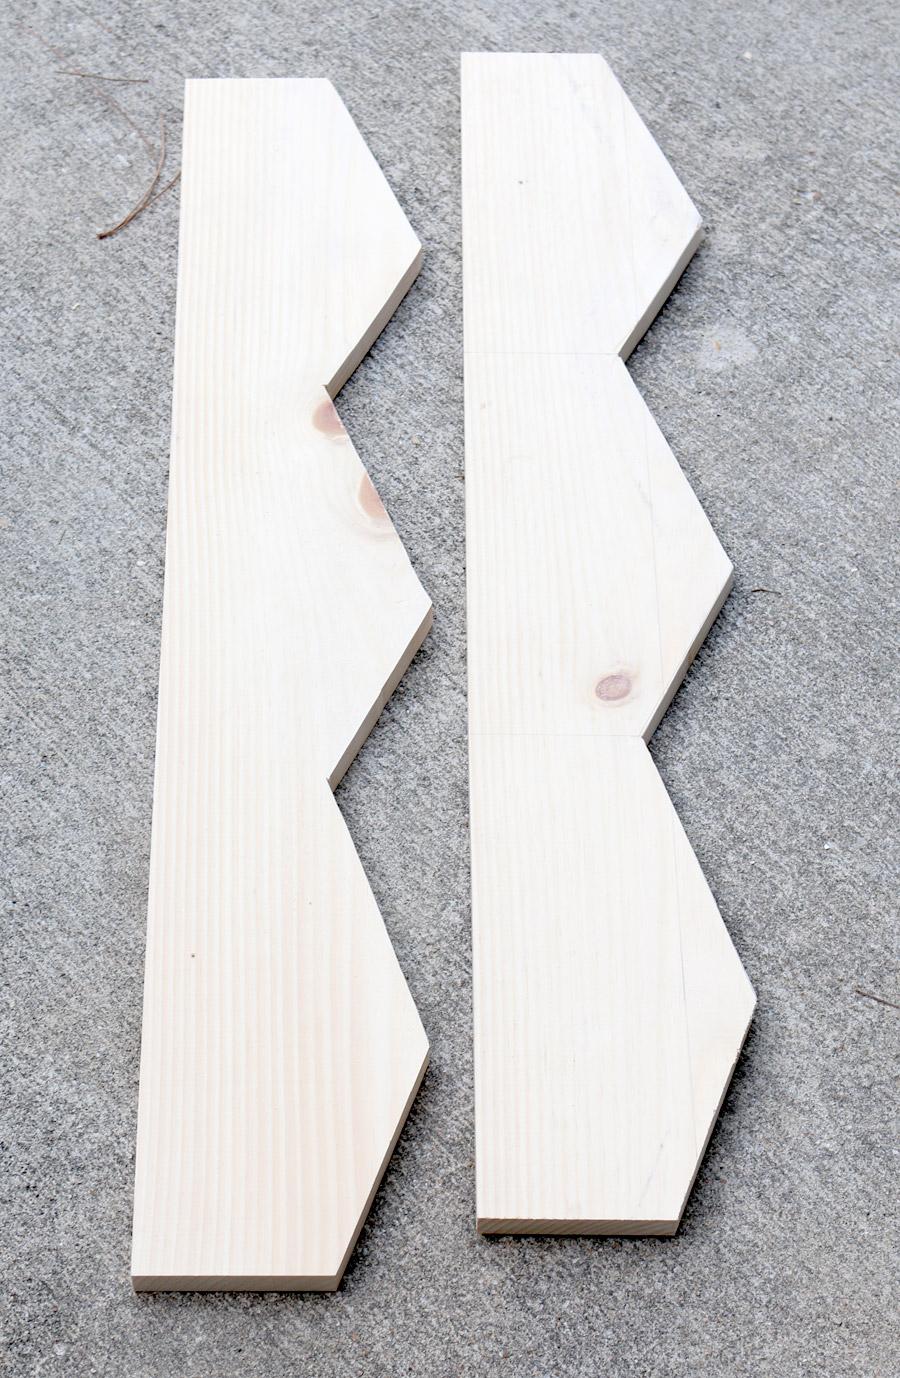 How to build a West Elm shelf